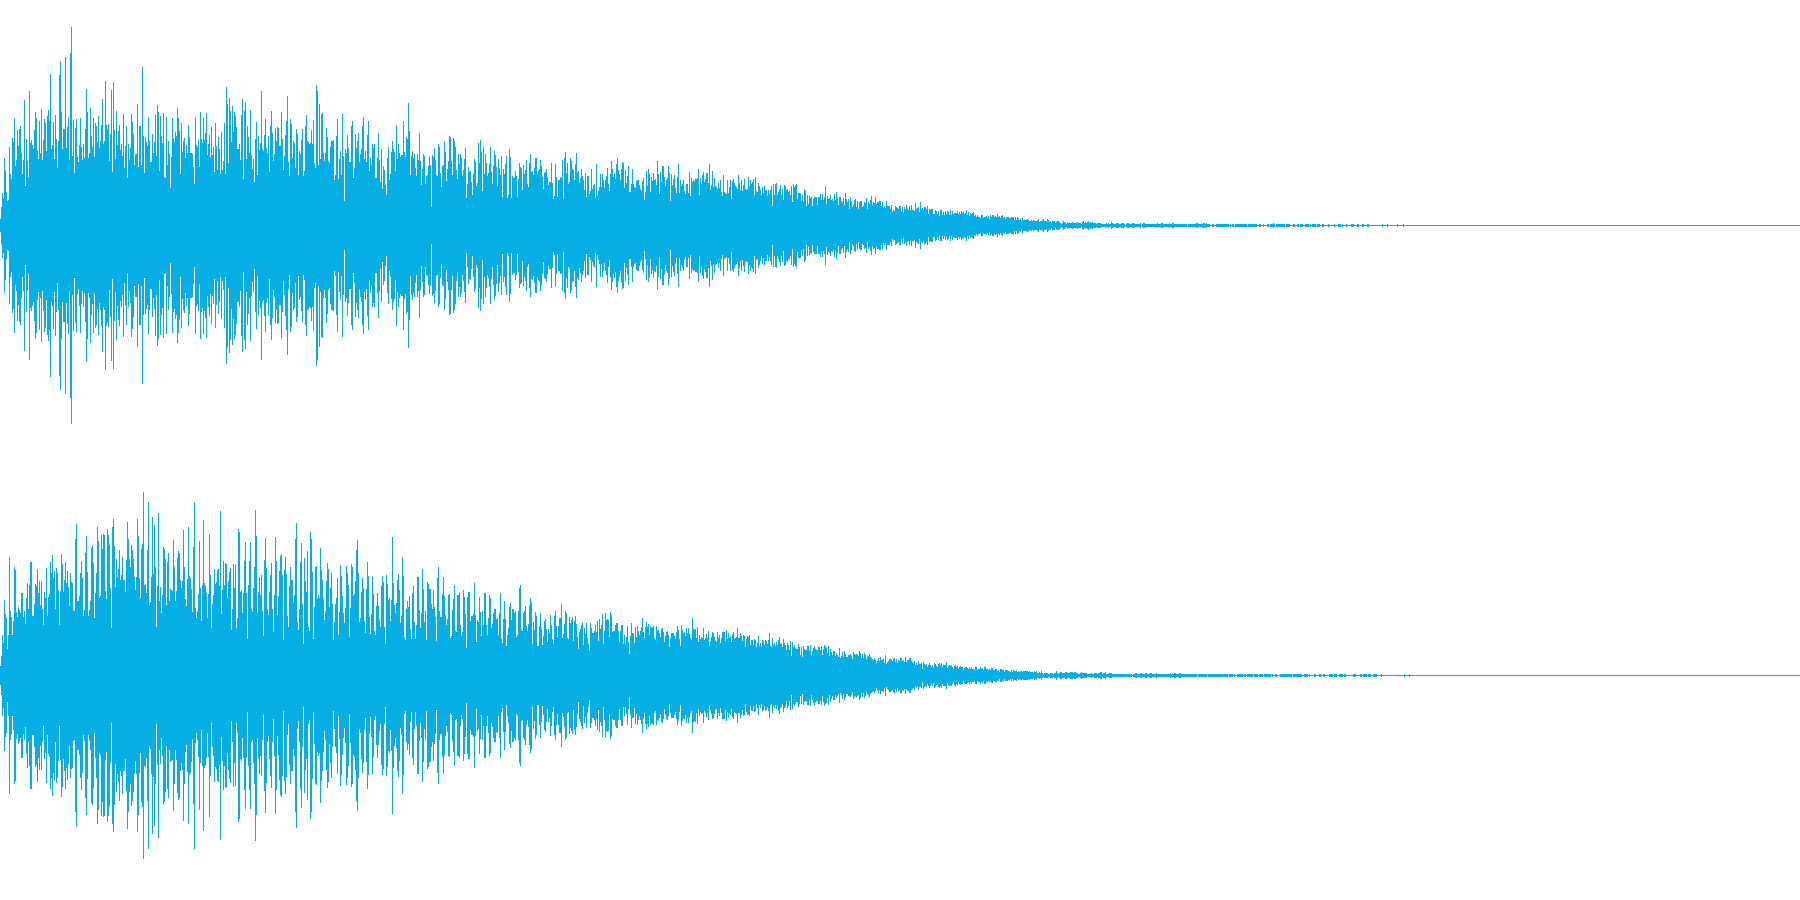 【ゴ〜ン!大晦日】除夜の鐘【日本伝統】3の再生済みの波形